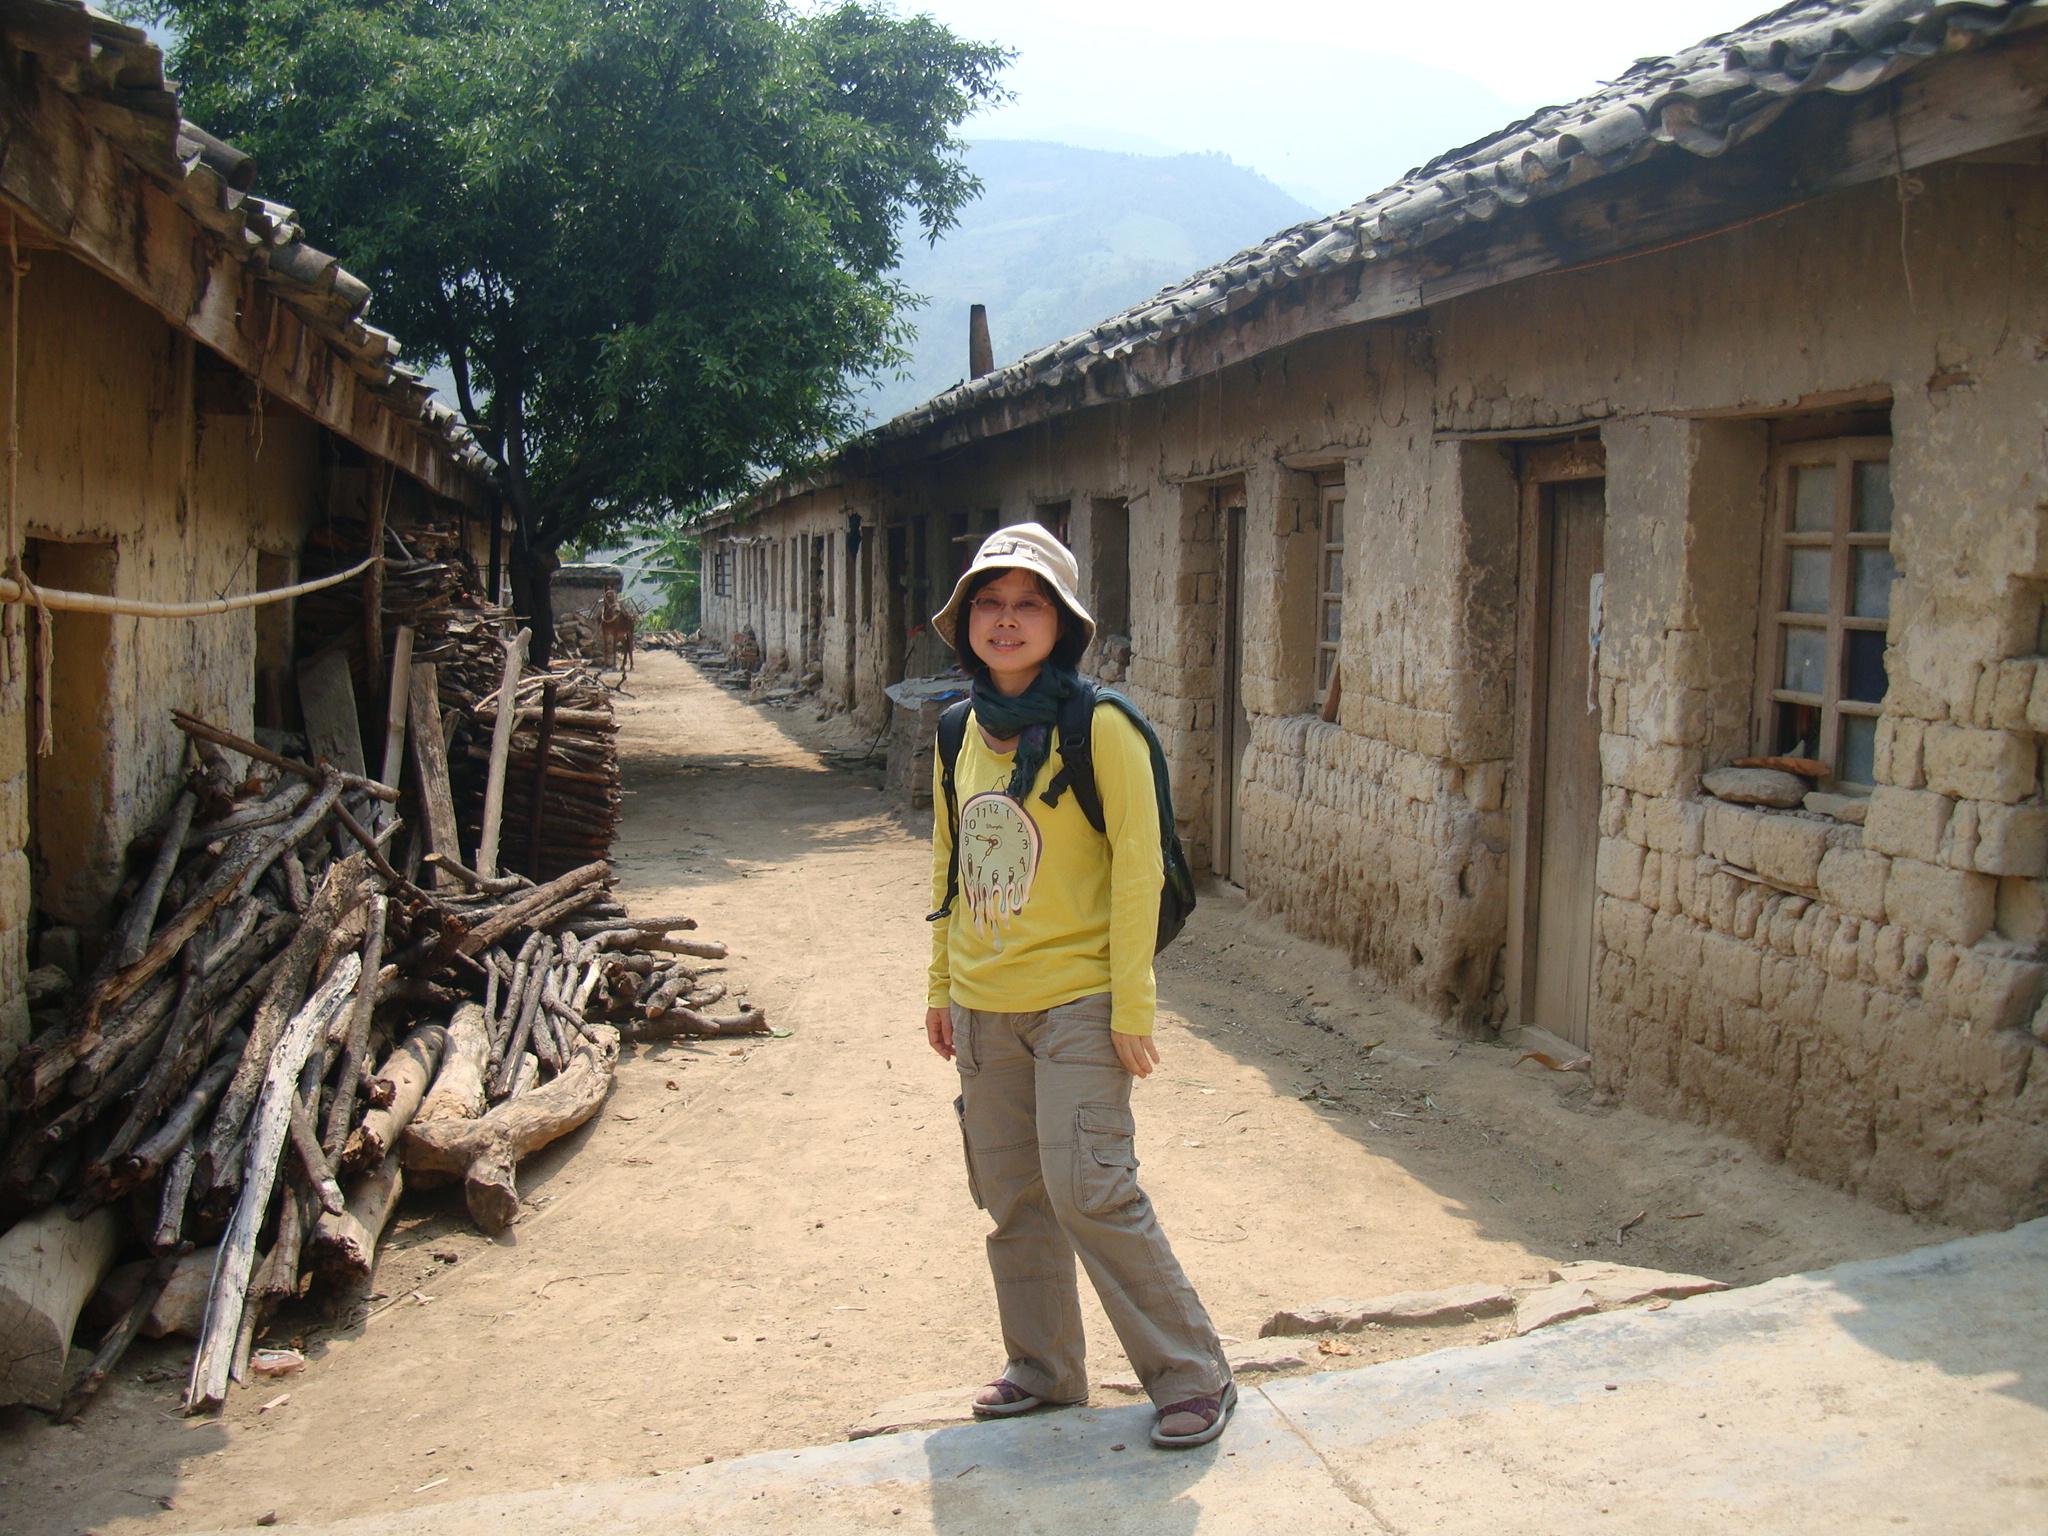 劉紹華親身走訪中國麻風村進行田野研究。長年的研究中,麻風病人的生命韌性帶給她無數感動,她也從麻風醫生與救助者身上,看見可貴的人性。圖│劉紹華